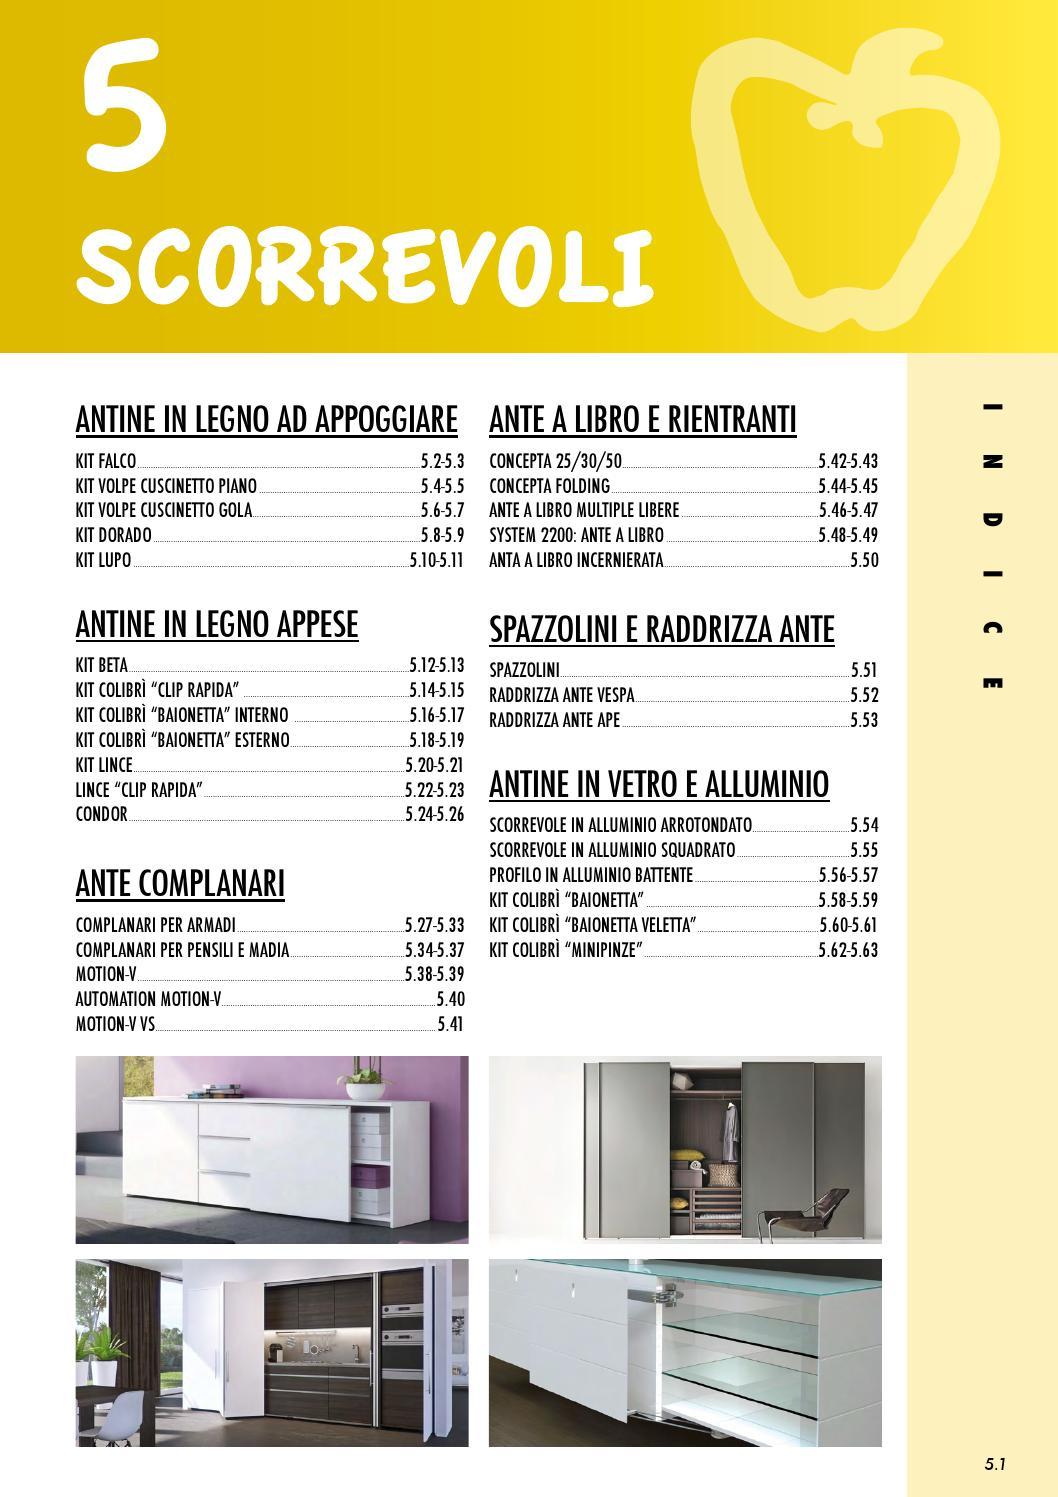 Meccanismo Ante Scorrevoli Complanari.Scorrevoli By Giuseppe Micillo Issuu